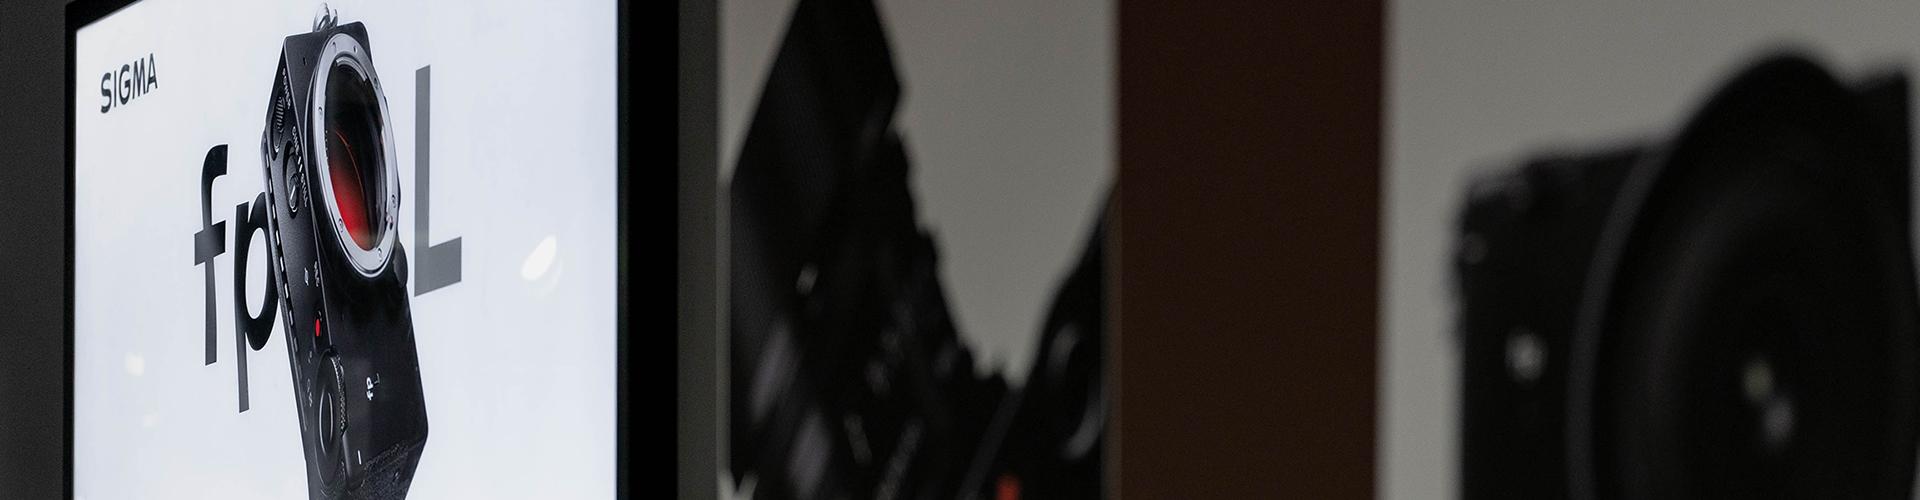 fp L 런칭행사 현수막과 전광판